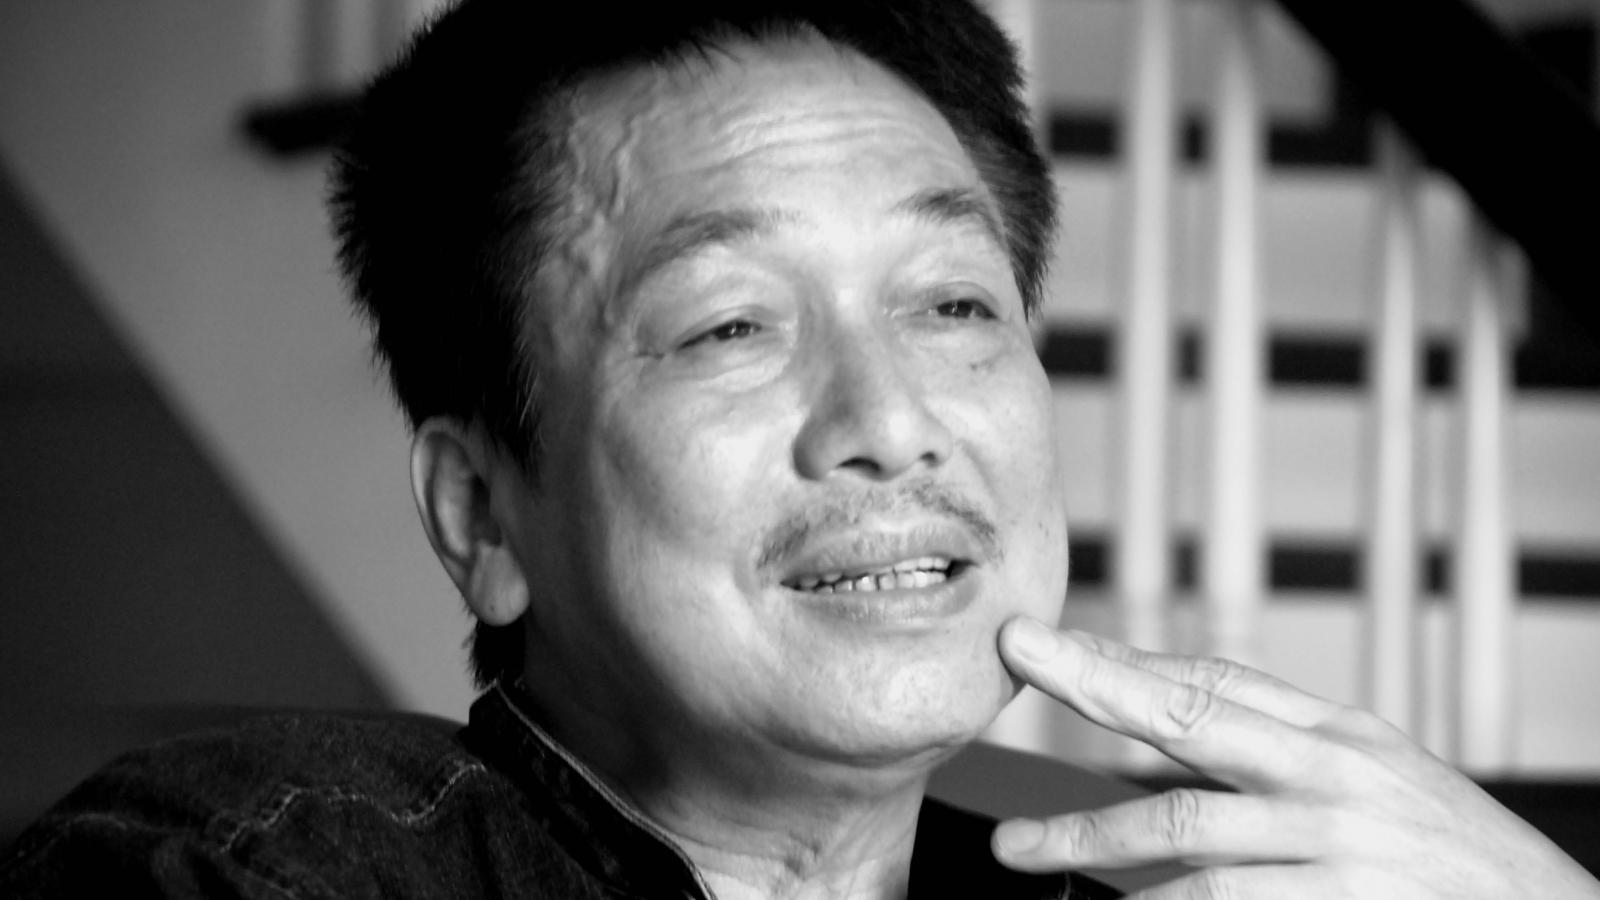 Vợ nhạc sĩ Phú Quang bật khóc khi thay chồng nhận Giải Bùi Xuân Phái - Vì tình yêu Hà Nội